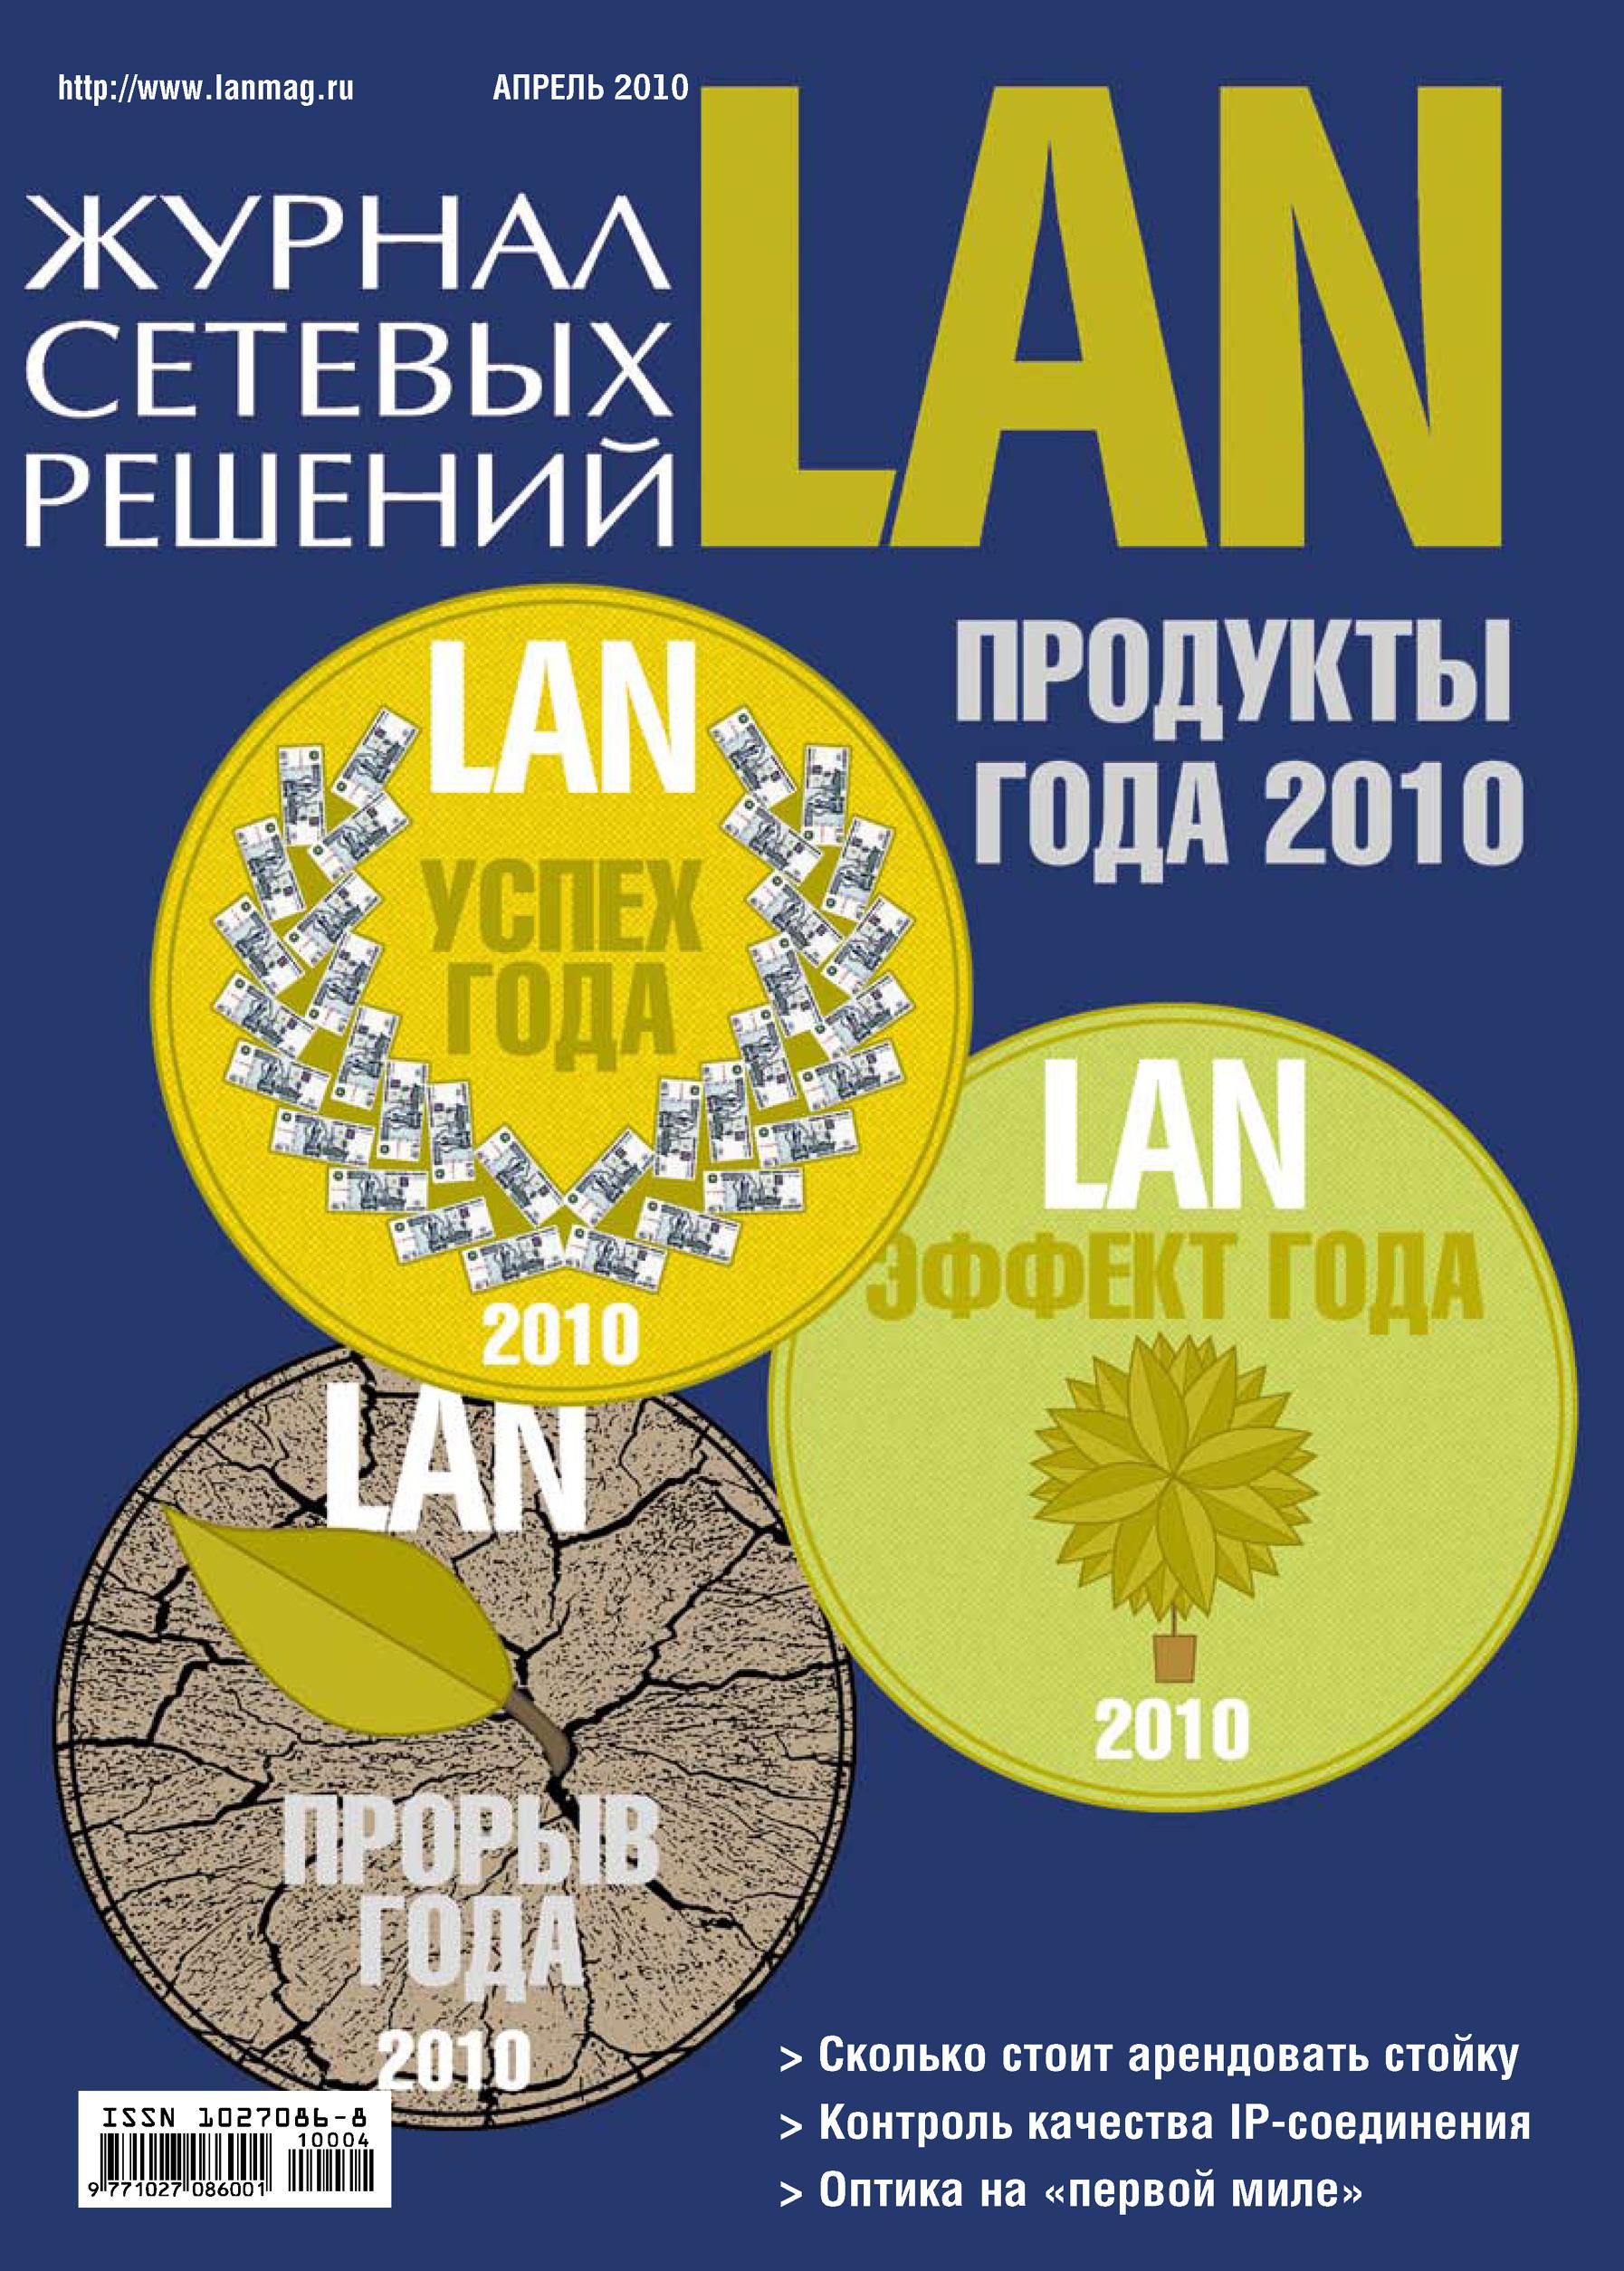 Фото - Открытые системы Журнал сетевых решений / LAN №04/2010 оптика